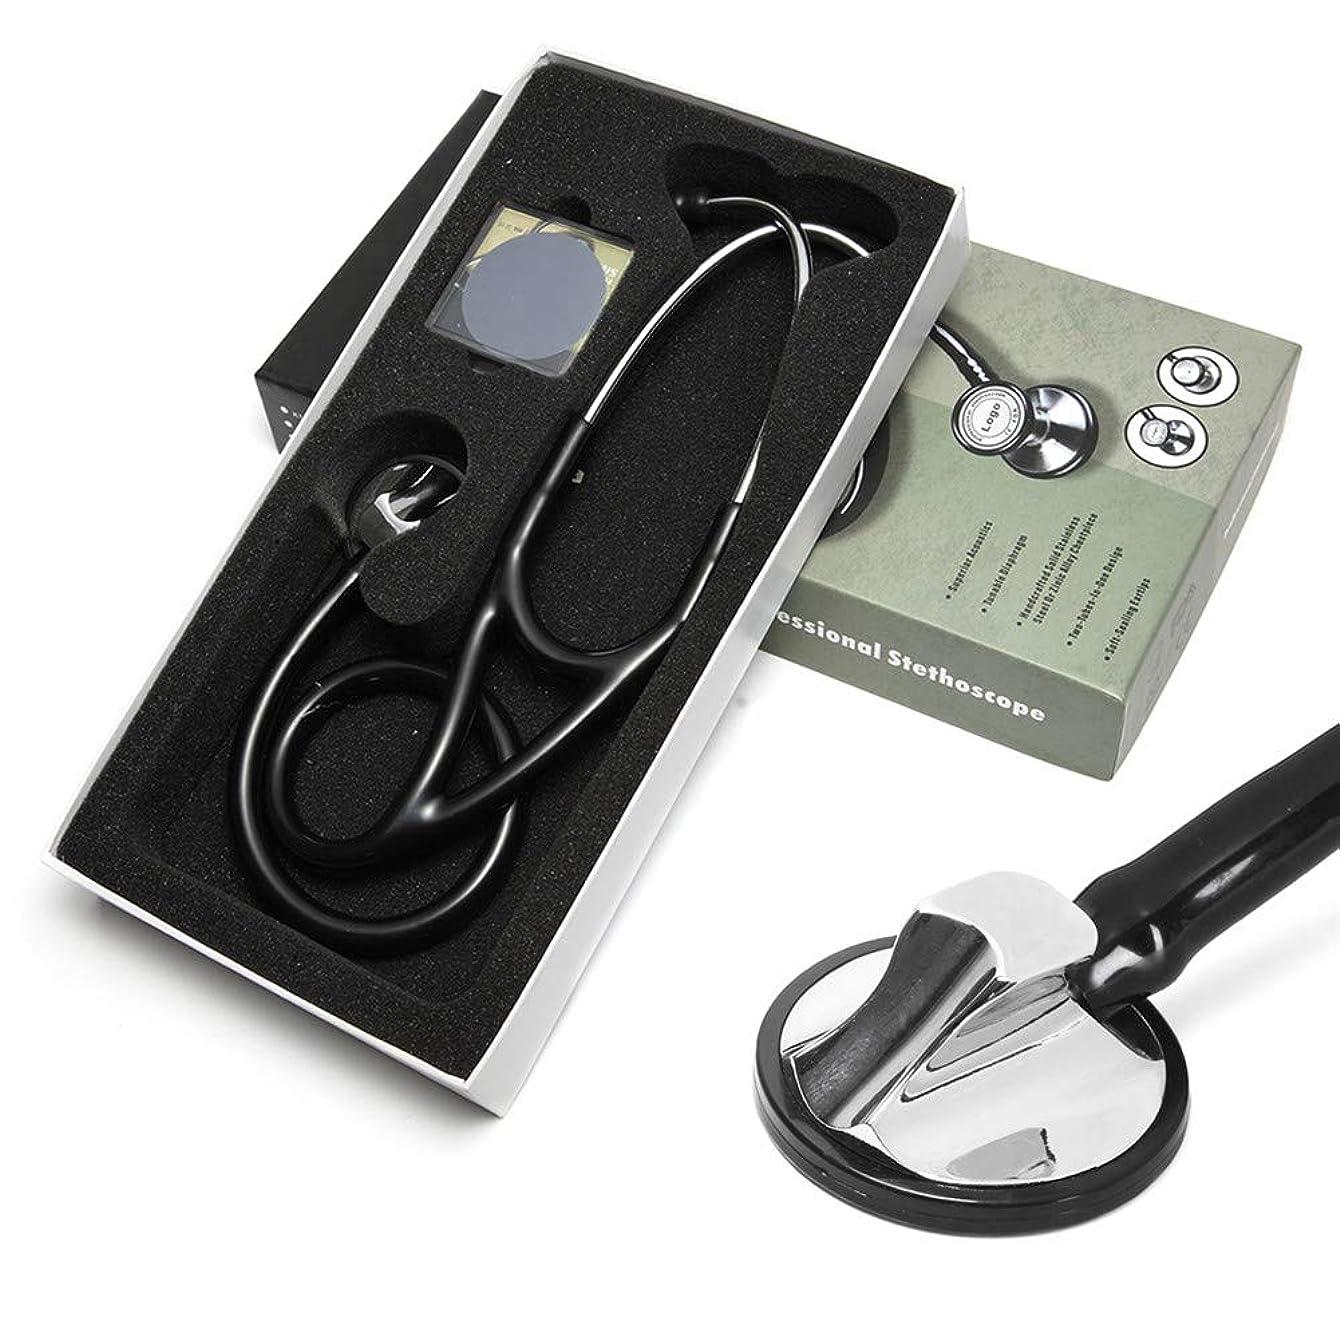 にもかかわらず確保する略す医者に適当な専門の聴診器の心臓病の聴診器の監視聴診器の緊急装置